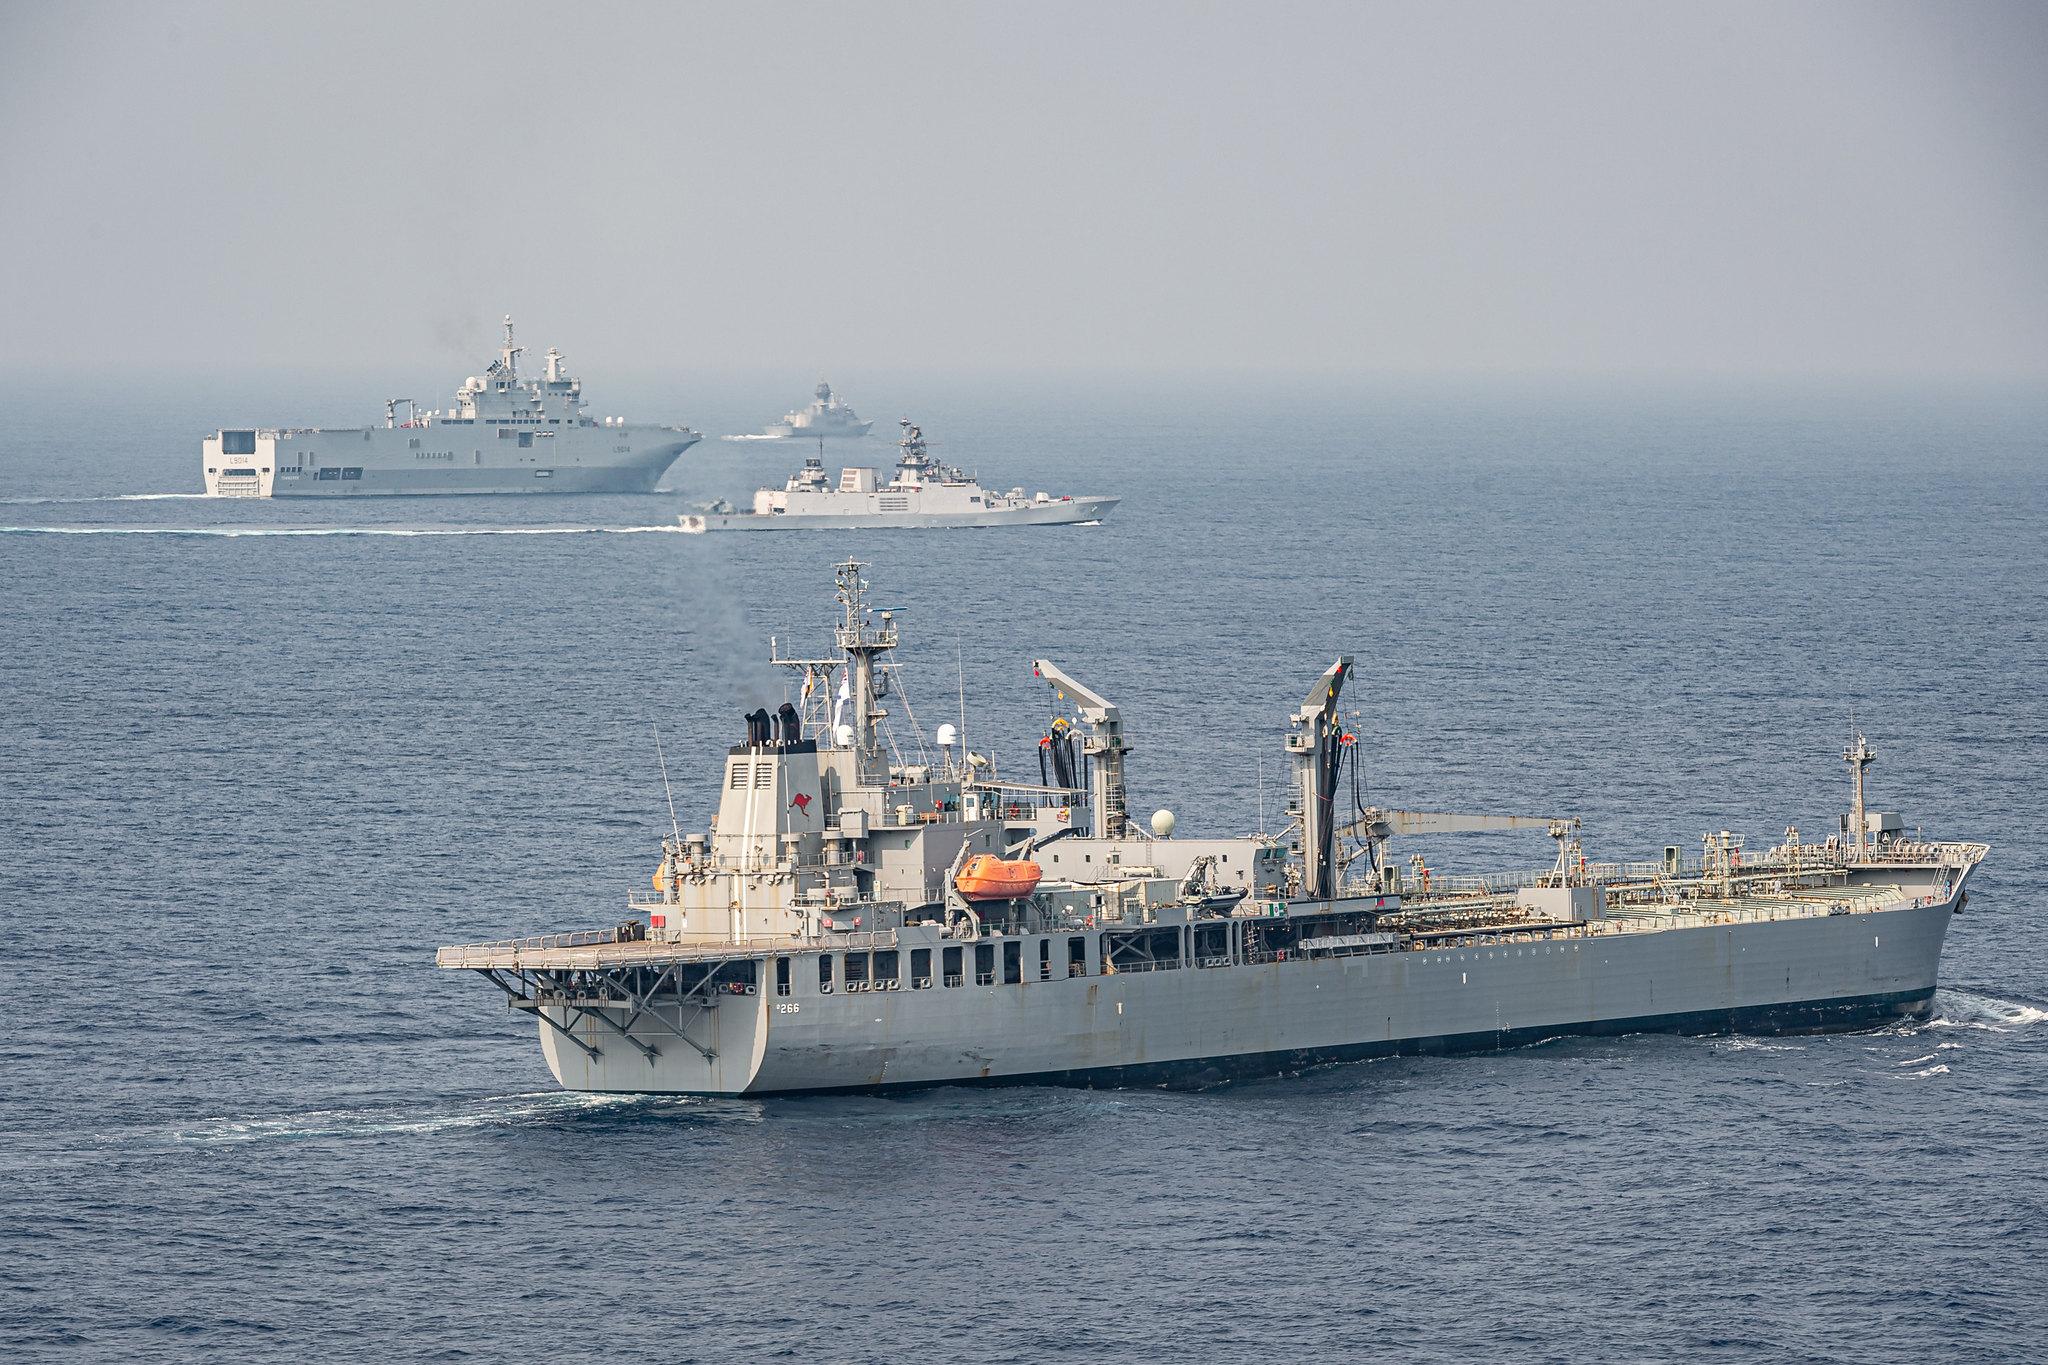 चीनी टैंकरों को सुरक्षित रखना क्वाड का काम नहीं है!